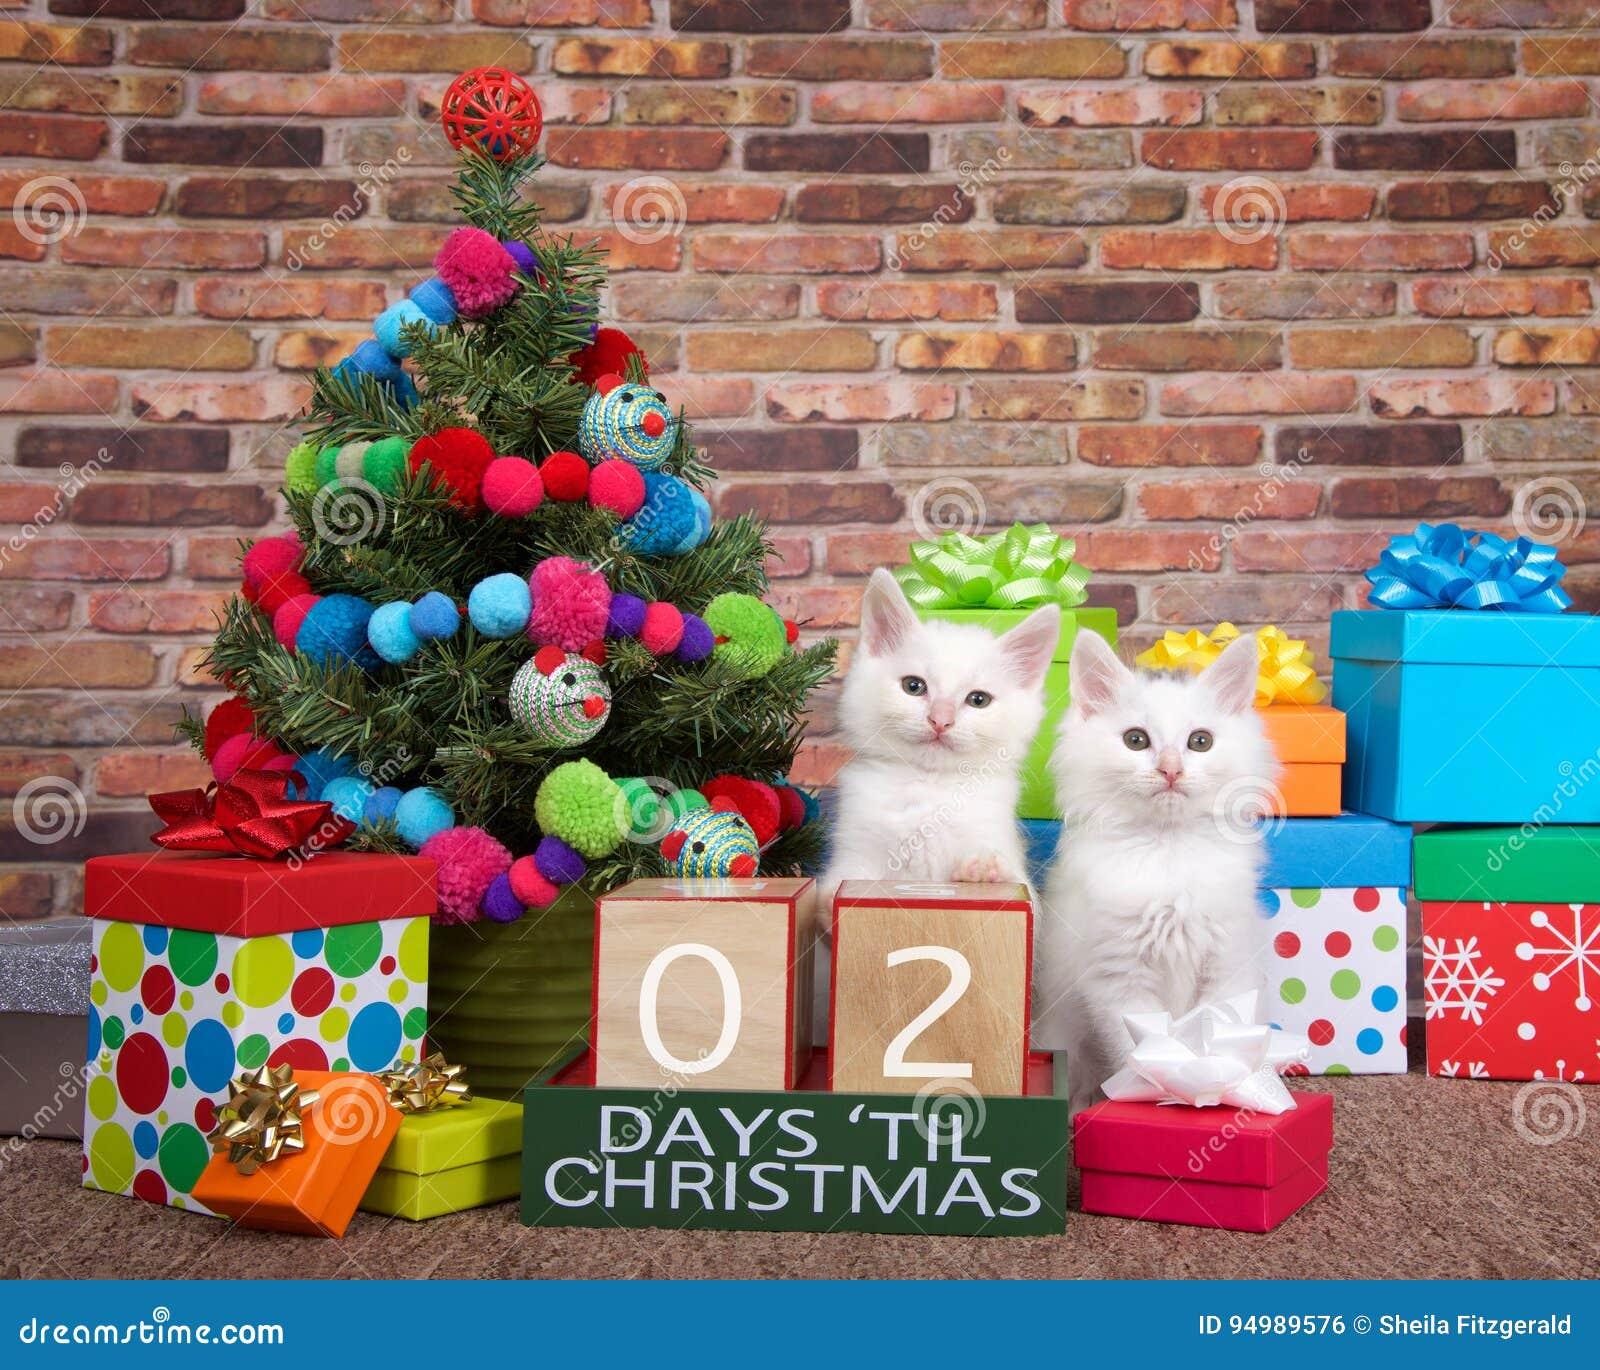 Compte à rebours de chaton à Noël 02 jours